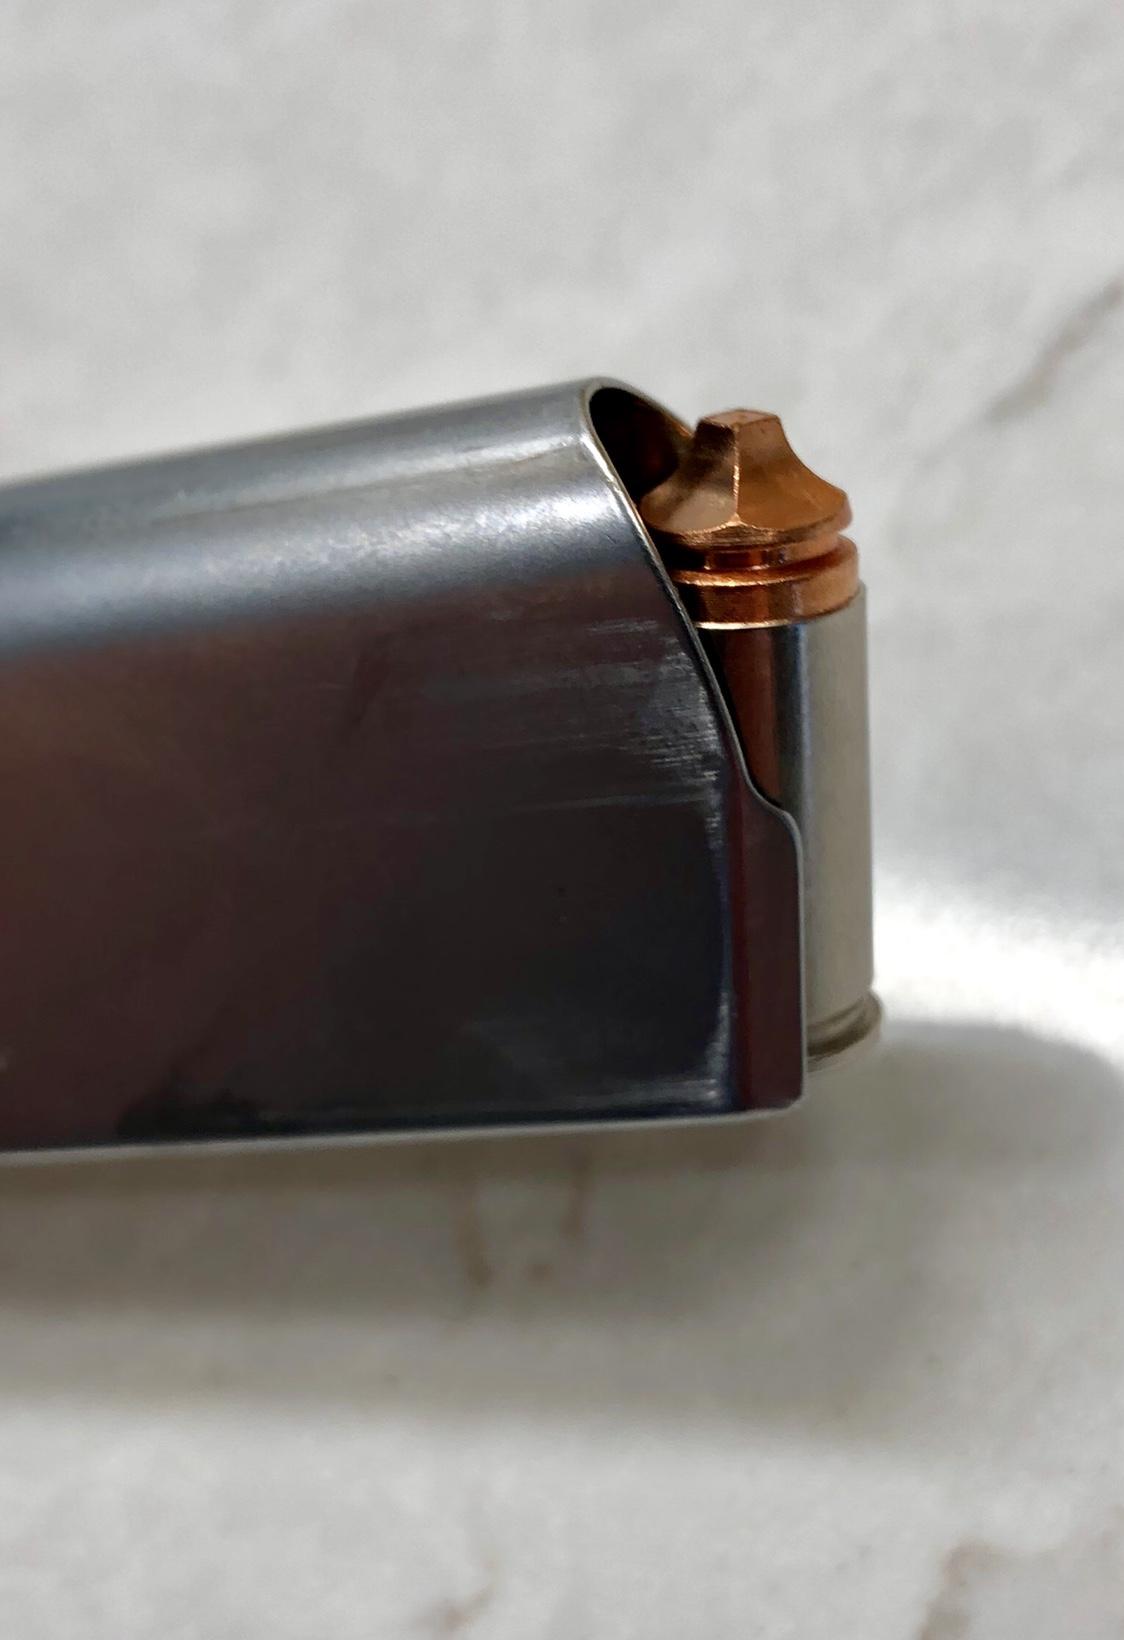 Best holster for a seecamp  32? - Calguns net